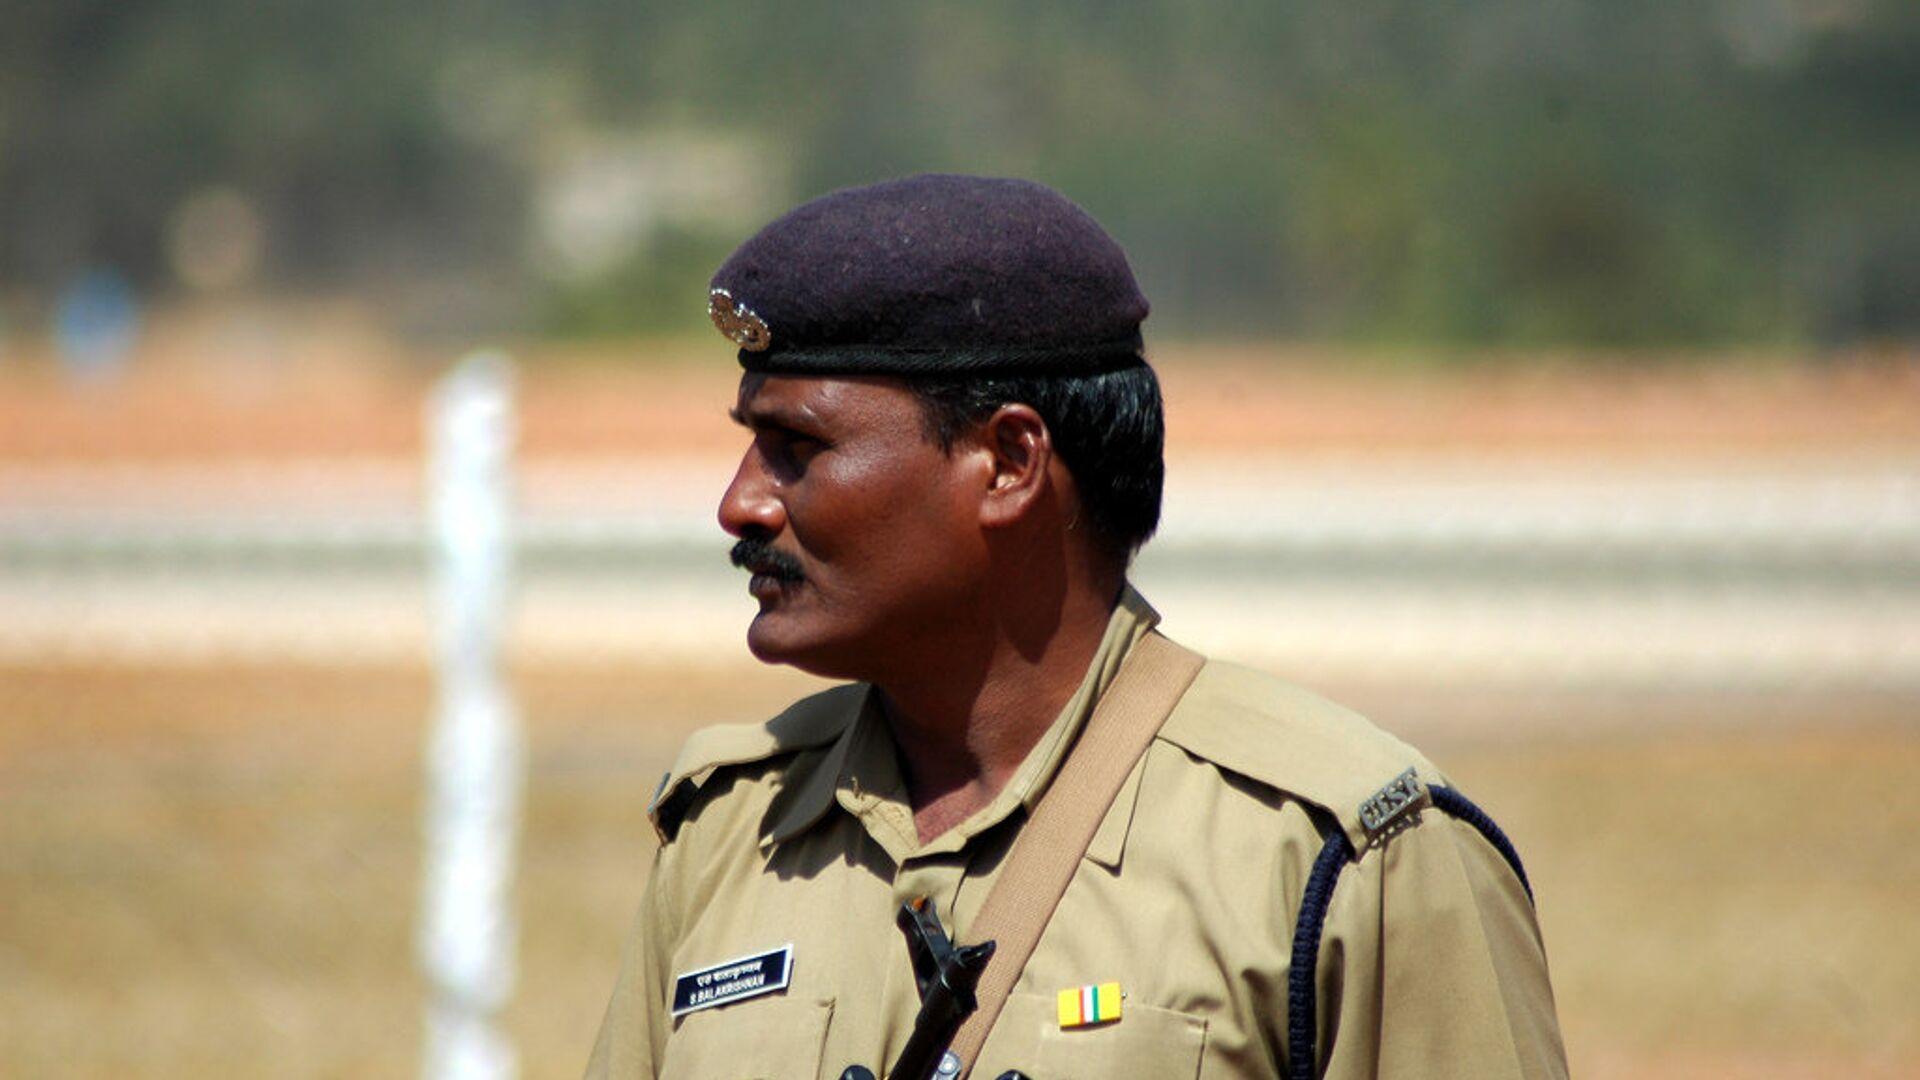 Полиция в Индии ликвидировала четырех террористов